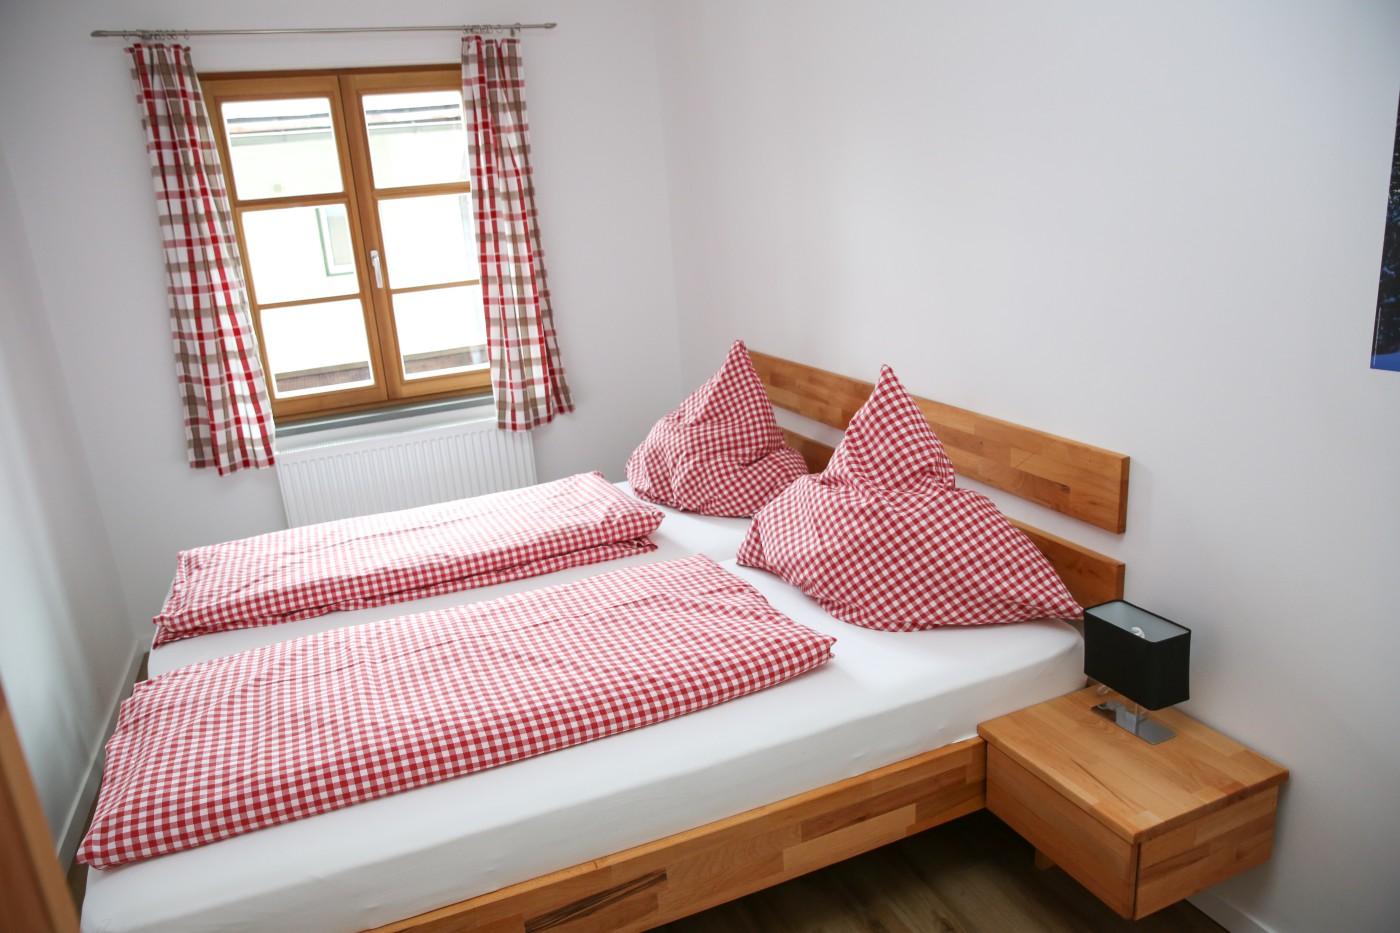 Ferienwohnung Georg Mayer Haus / Wohnung 7 (2397456), Oberstdorf, Allgäu (Bayern), Bayern, Deutschland, Bild 9